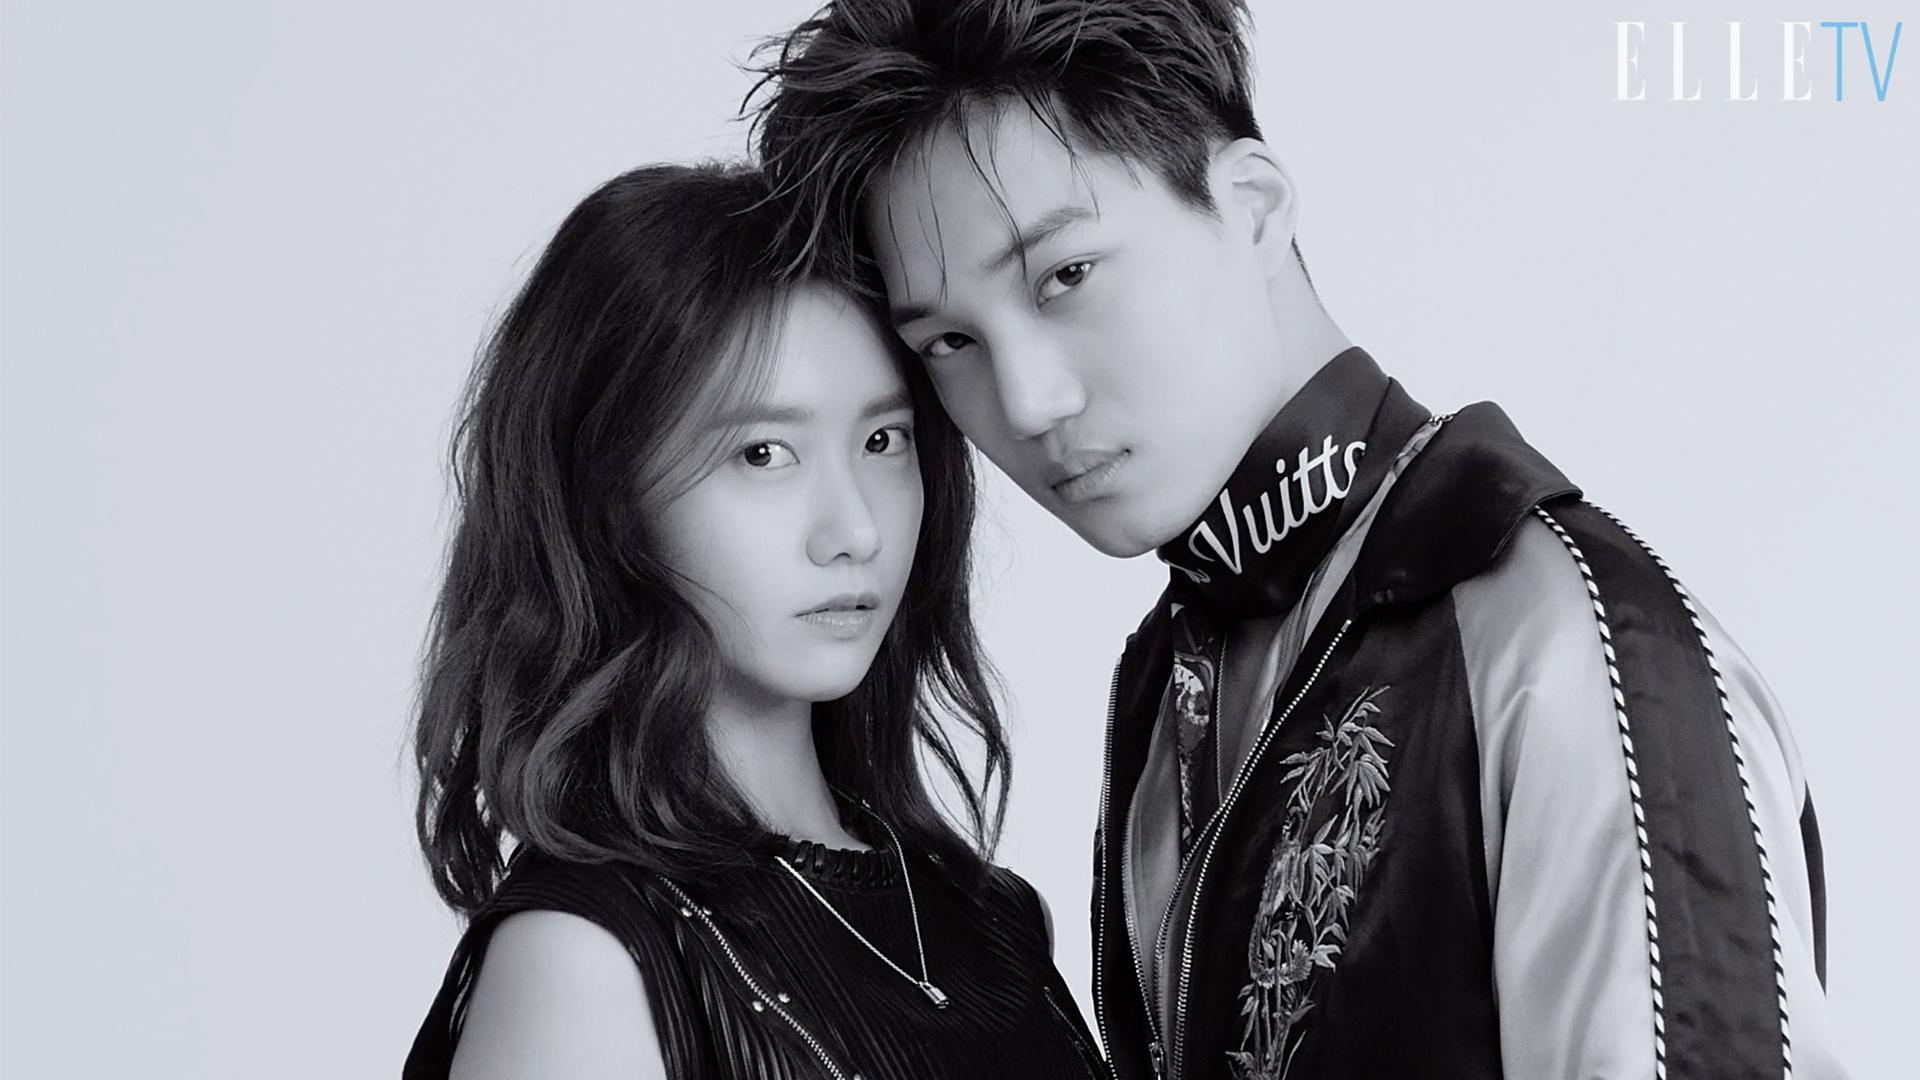 윤아와 카이, 비주얼 커플의 환상 케미